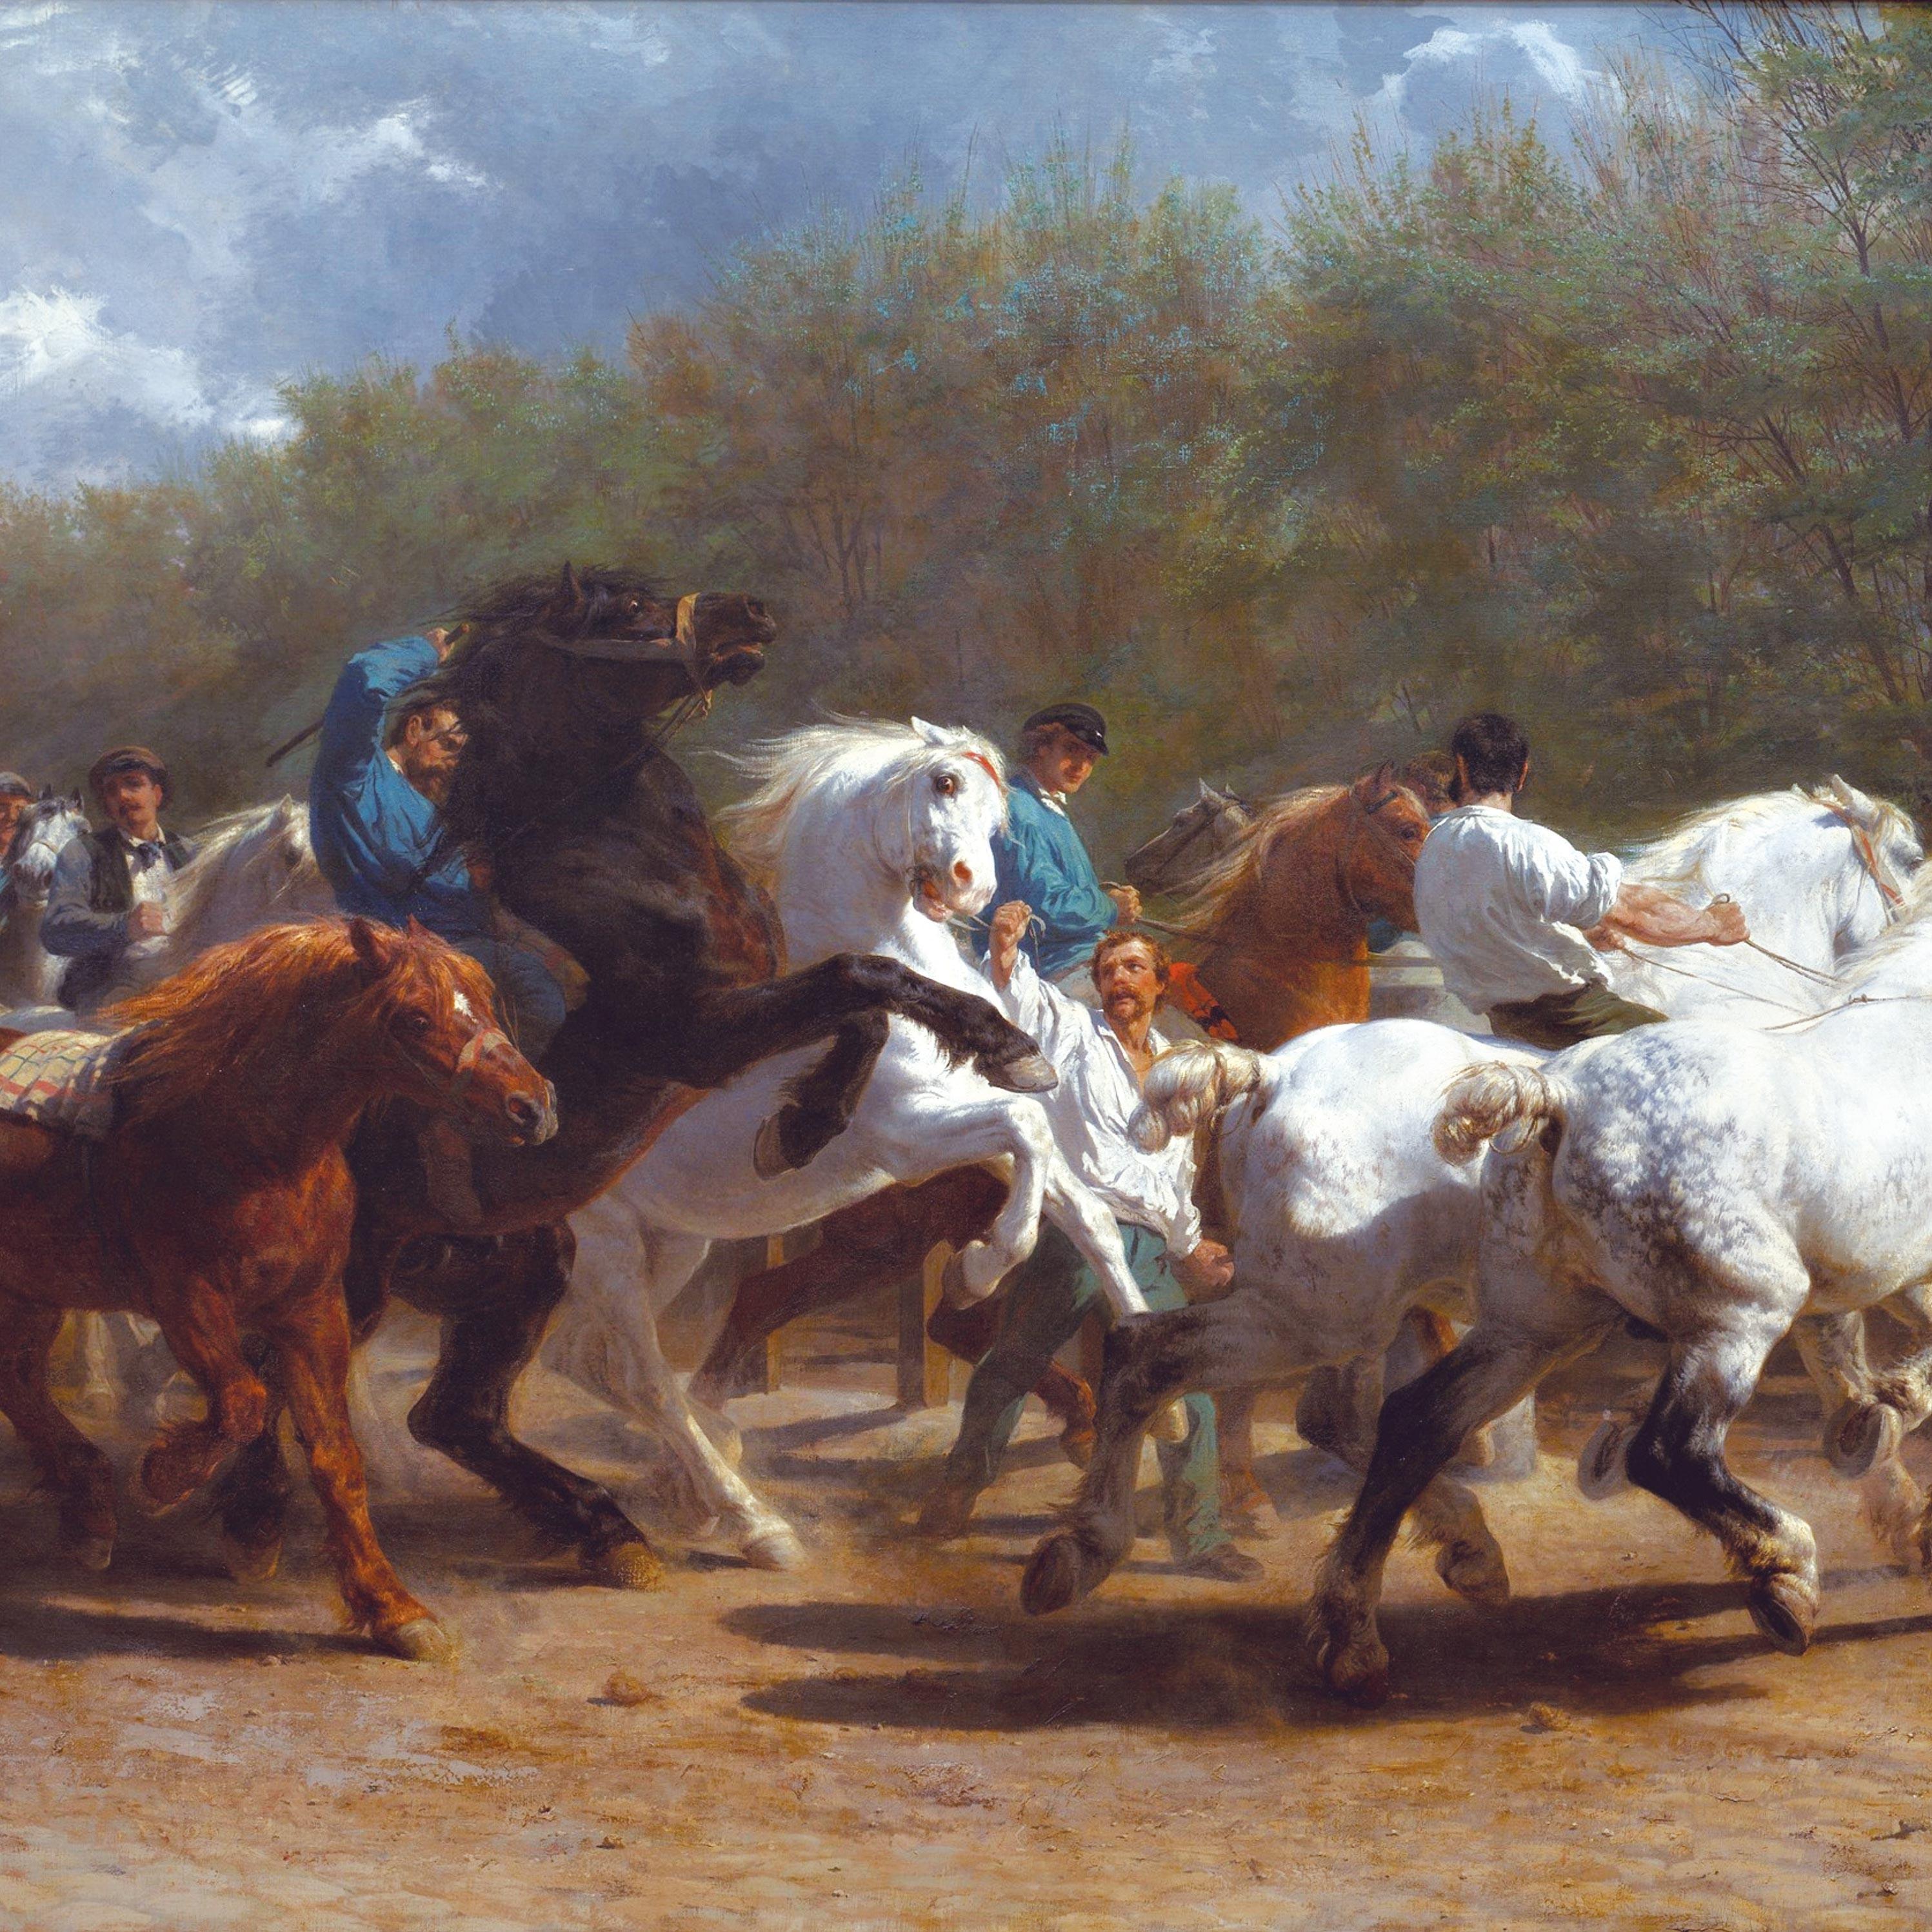 Rosa Bonheur, La foire du cheval, 1867